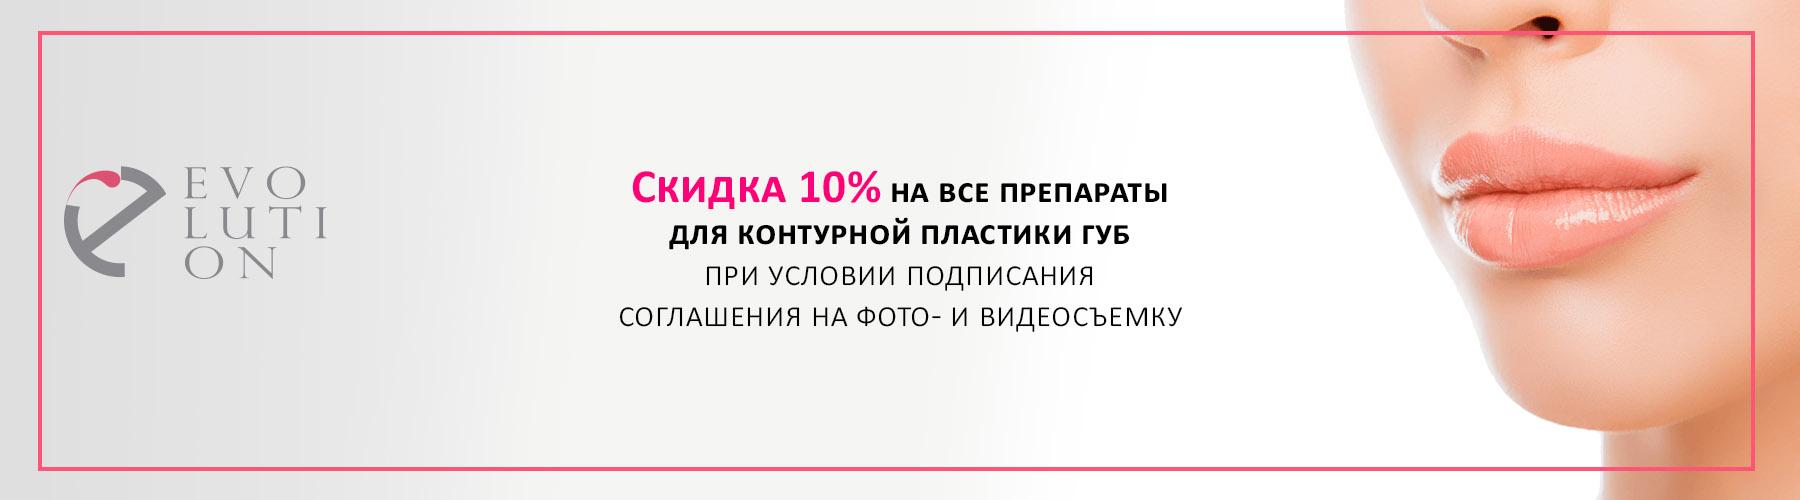 10% контурная пластика